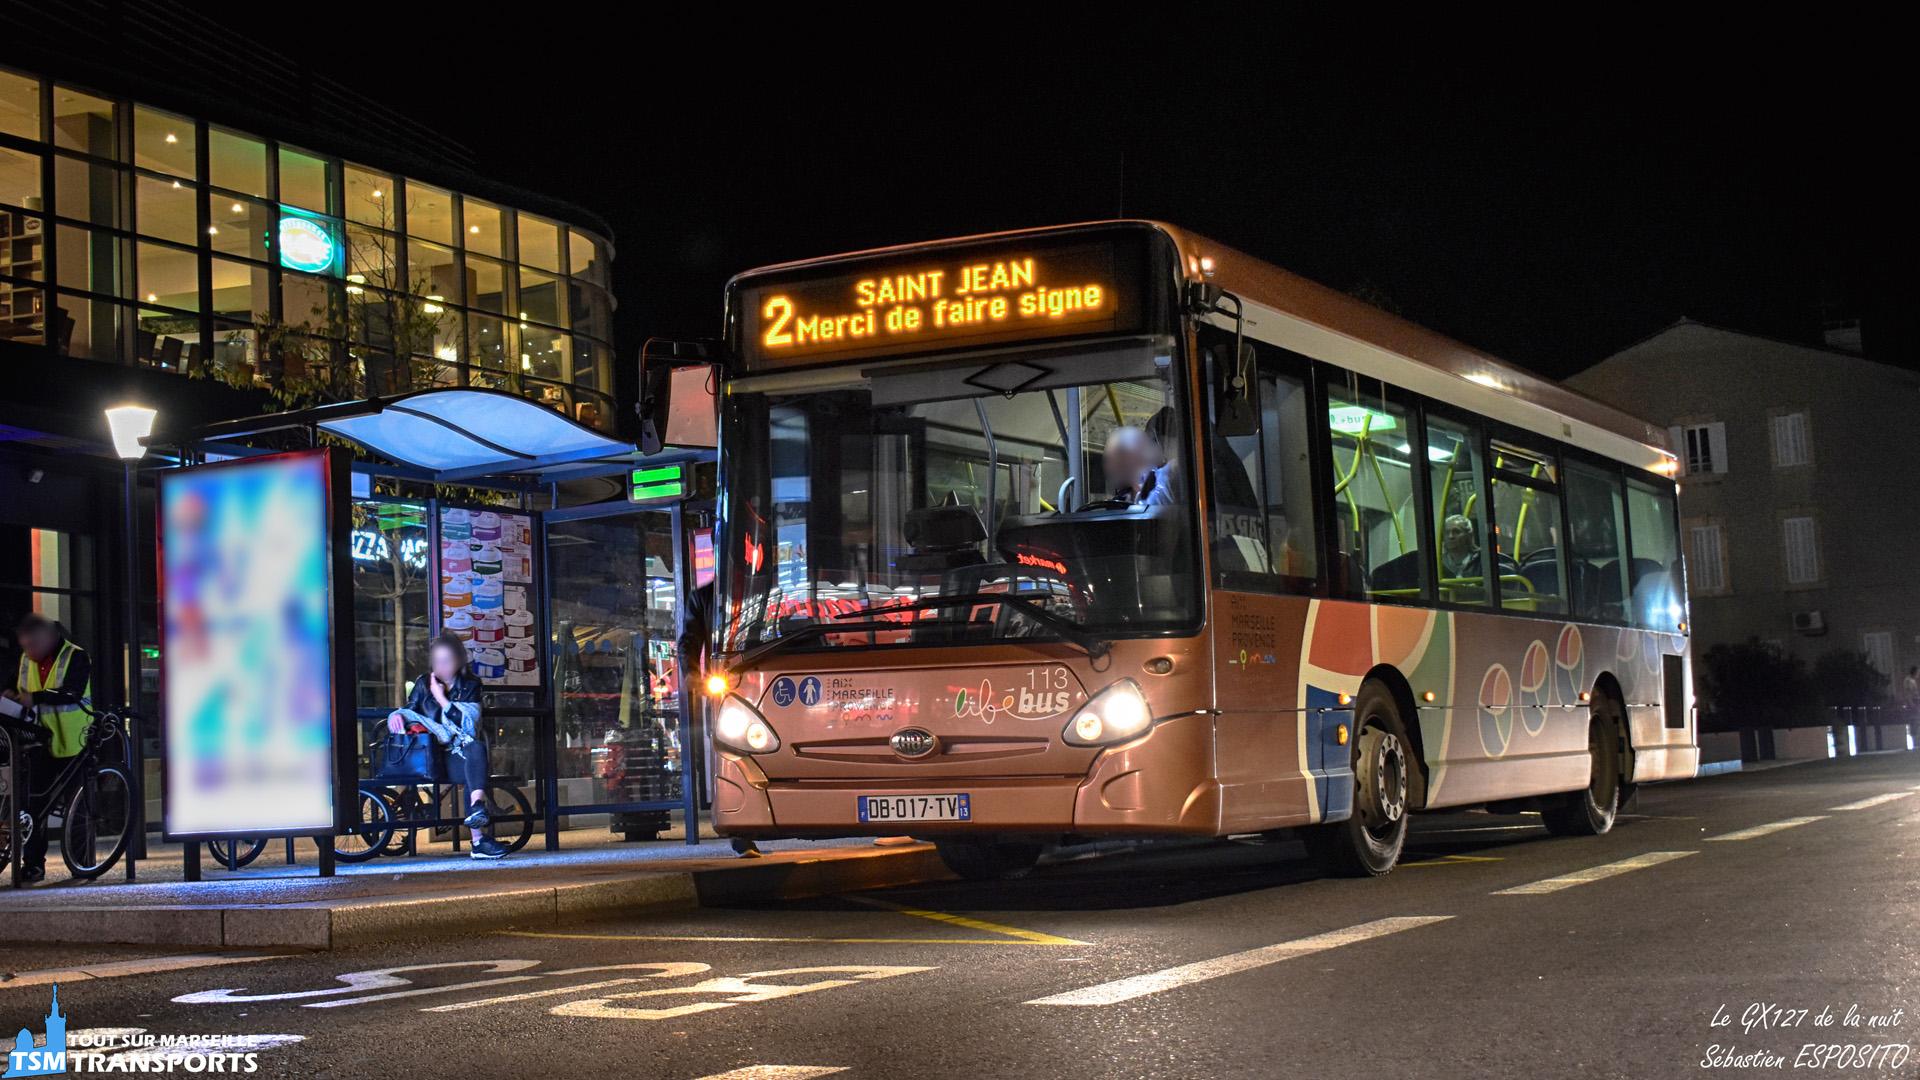 """J'aurais pu donner à cette photo le titre de """"Salon by night"""" mais ça fait un peu répétitif 😂, voici donc  cet Heuliez Bus GX127 n°113 en ce début de soirée sur le réseau libébus de Salon de Provence. . ℹ️ Heuliez Bus GX127 n°113 de la société Carpostal France. . 📍 Boulevard Victor Joly, 13300 Salon-de-Provence. . ↔️ 2 : Tallagard - Saint Jean. . 💶 : Réseau exploité par Carpostal France. . ♥️ Le cap des 700 abonnés a été franchi ! Et je vous remercie du fond du cœur pour votre soutien et votre présence assidu envers mes posts 😻. . 💡Cette publication est la 400ème sur ce compte ! . 📸 Nikon D5600. . 📷 Nikkor 18-55mm. . 📅 14 Novembre 2018 à 19:11. . 👨 Sébastien ESPOSITO."""